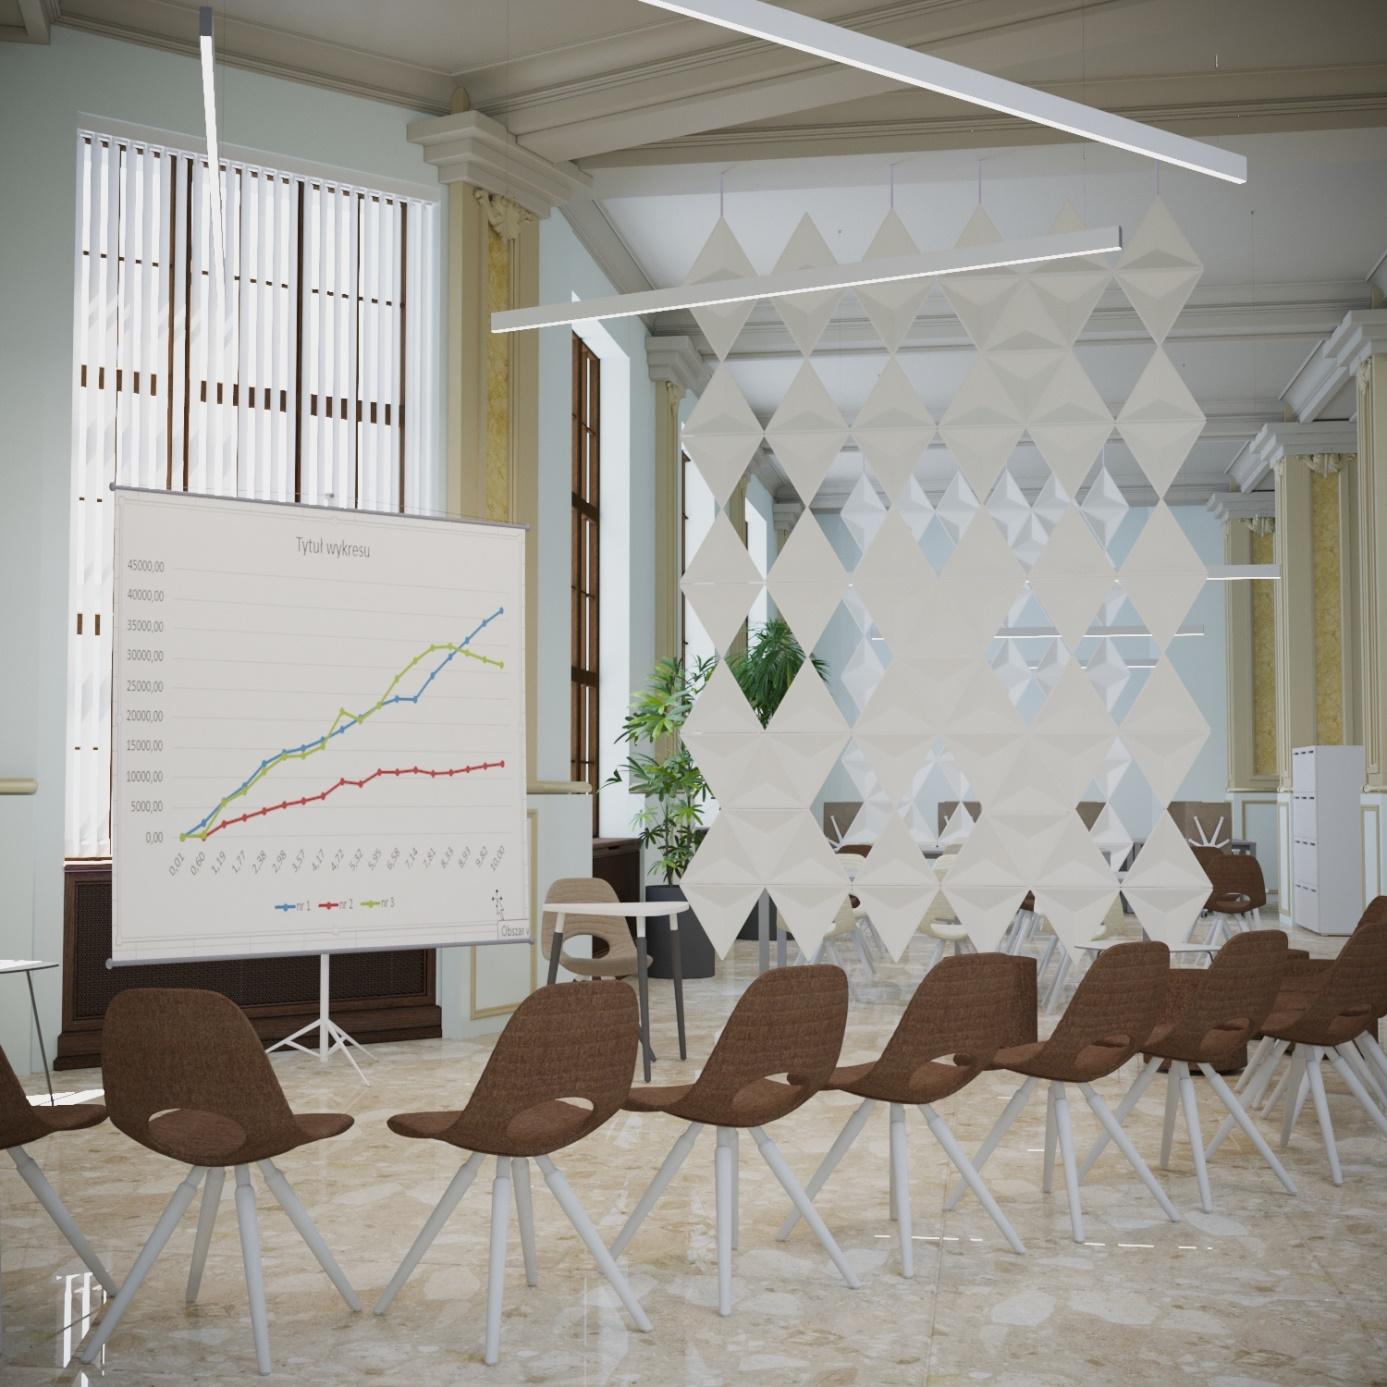 Sala konferencyjna z krzesłami, w tle tablica z wykresem